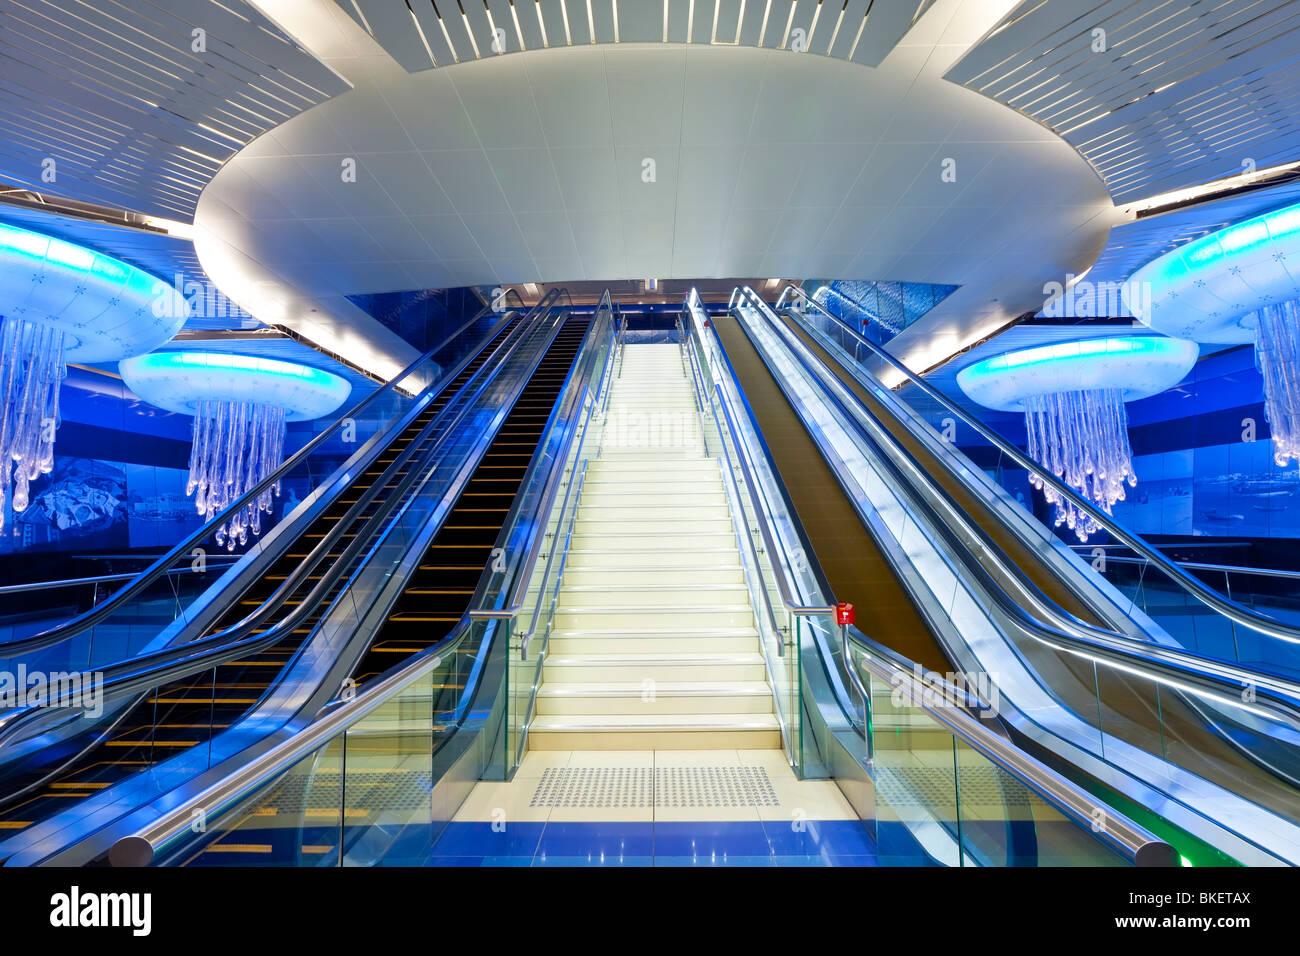 La estación de Metro de Dubai, un diseño interior moderno, inaugurado en 2010, Dubai, EAU, Emiratos Arabes Imagen De Stock